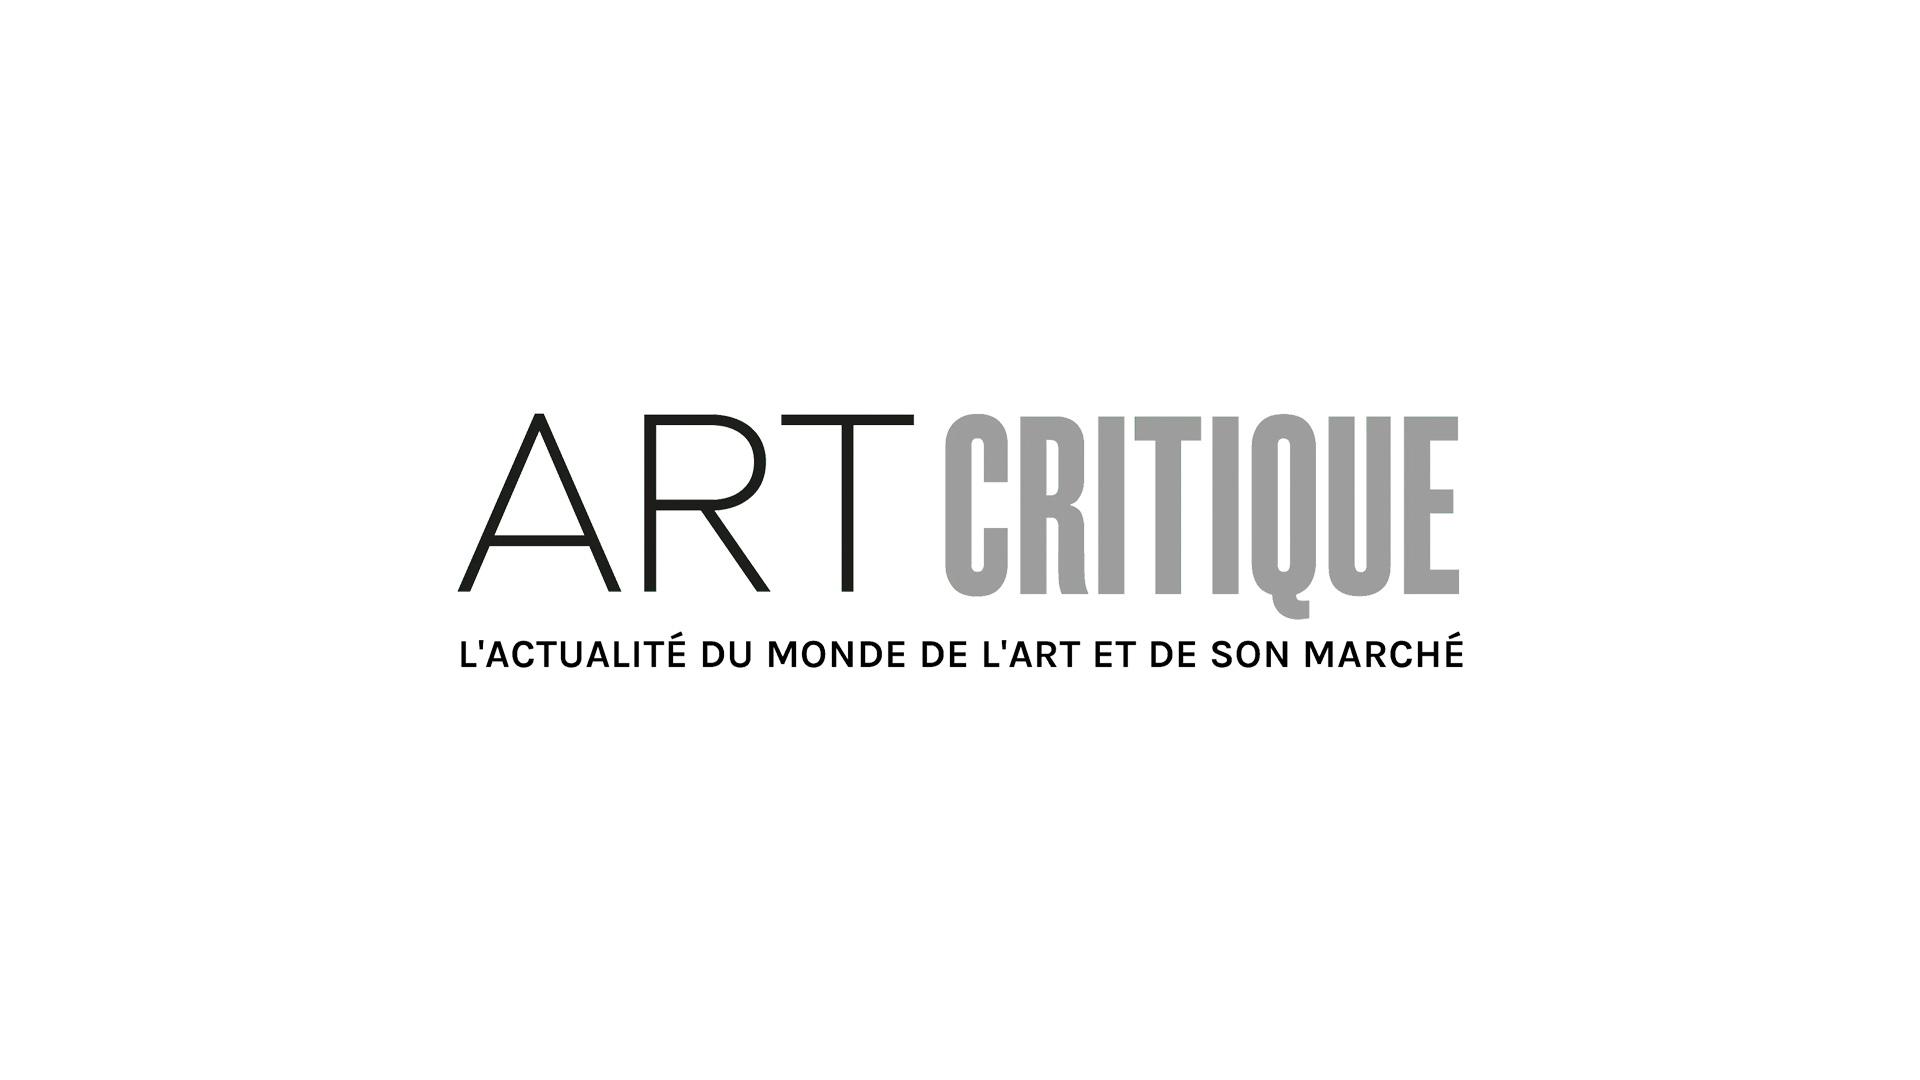 'Leonardo da Vinci' shatters Louvre exhibition attendance records